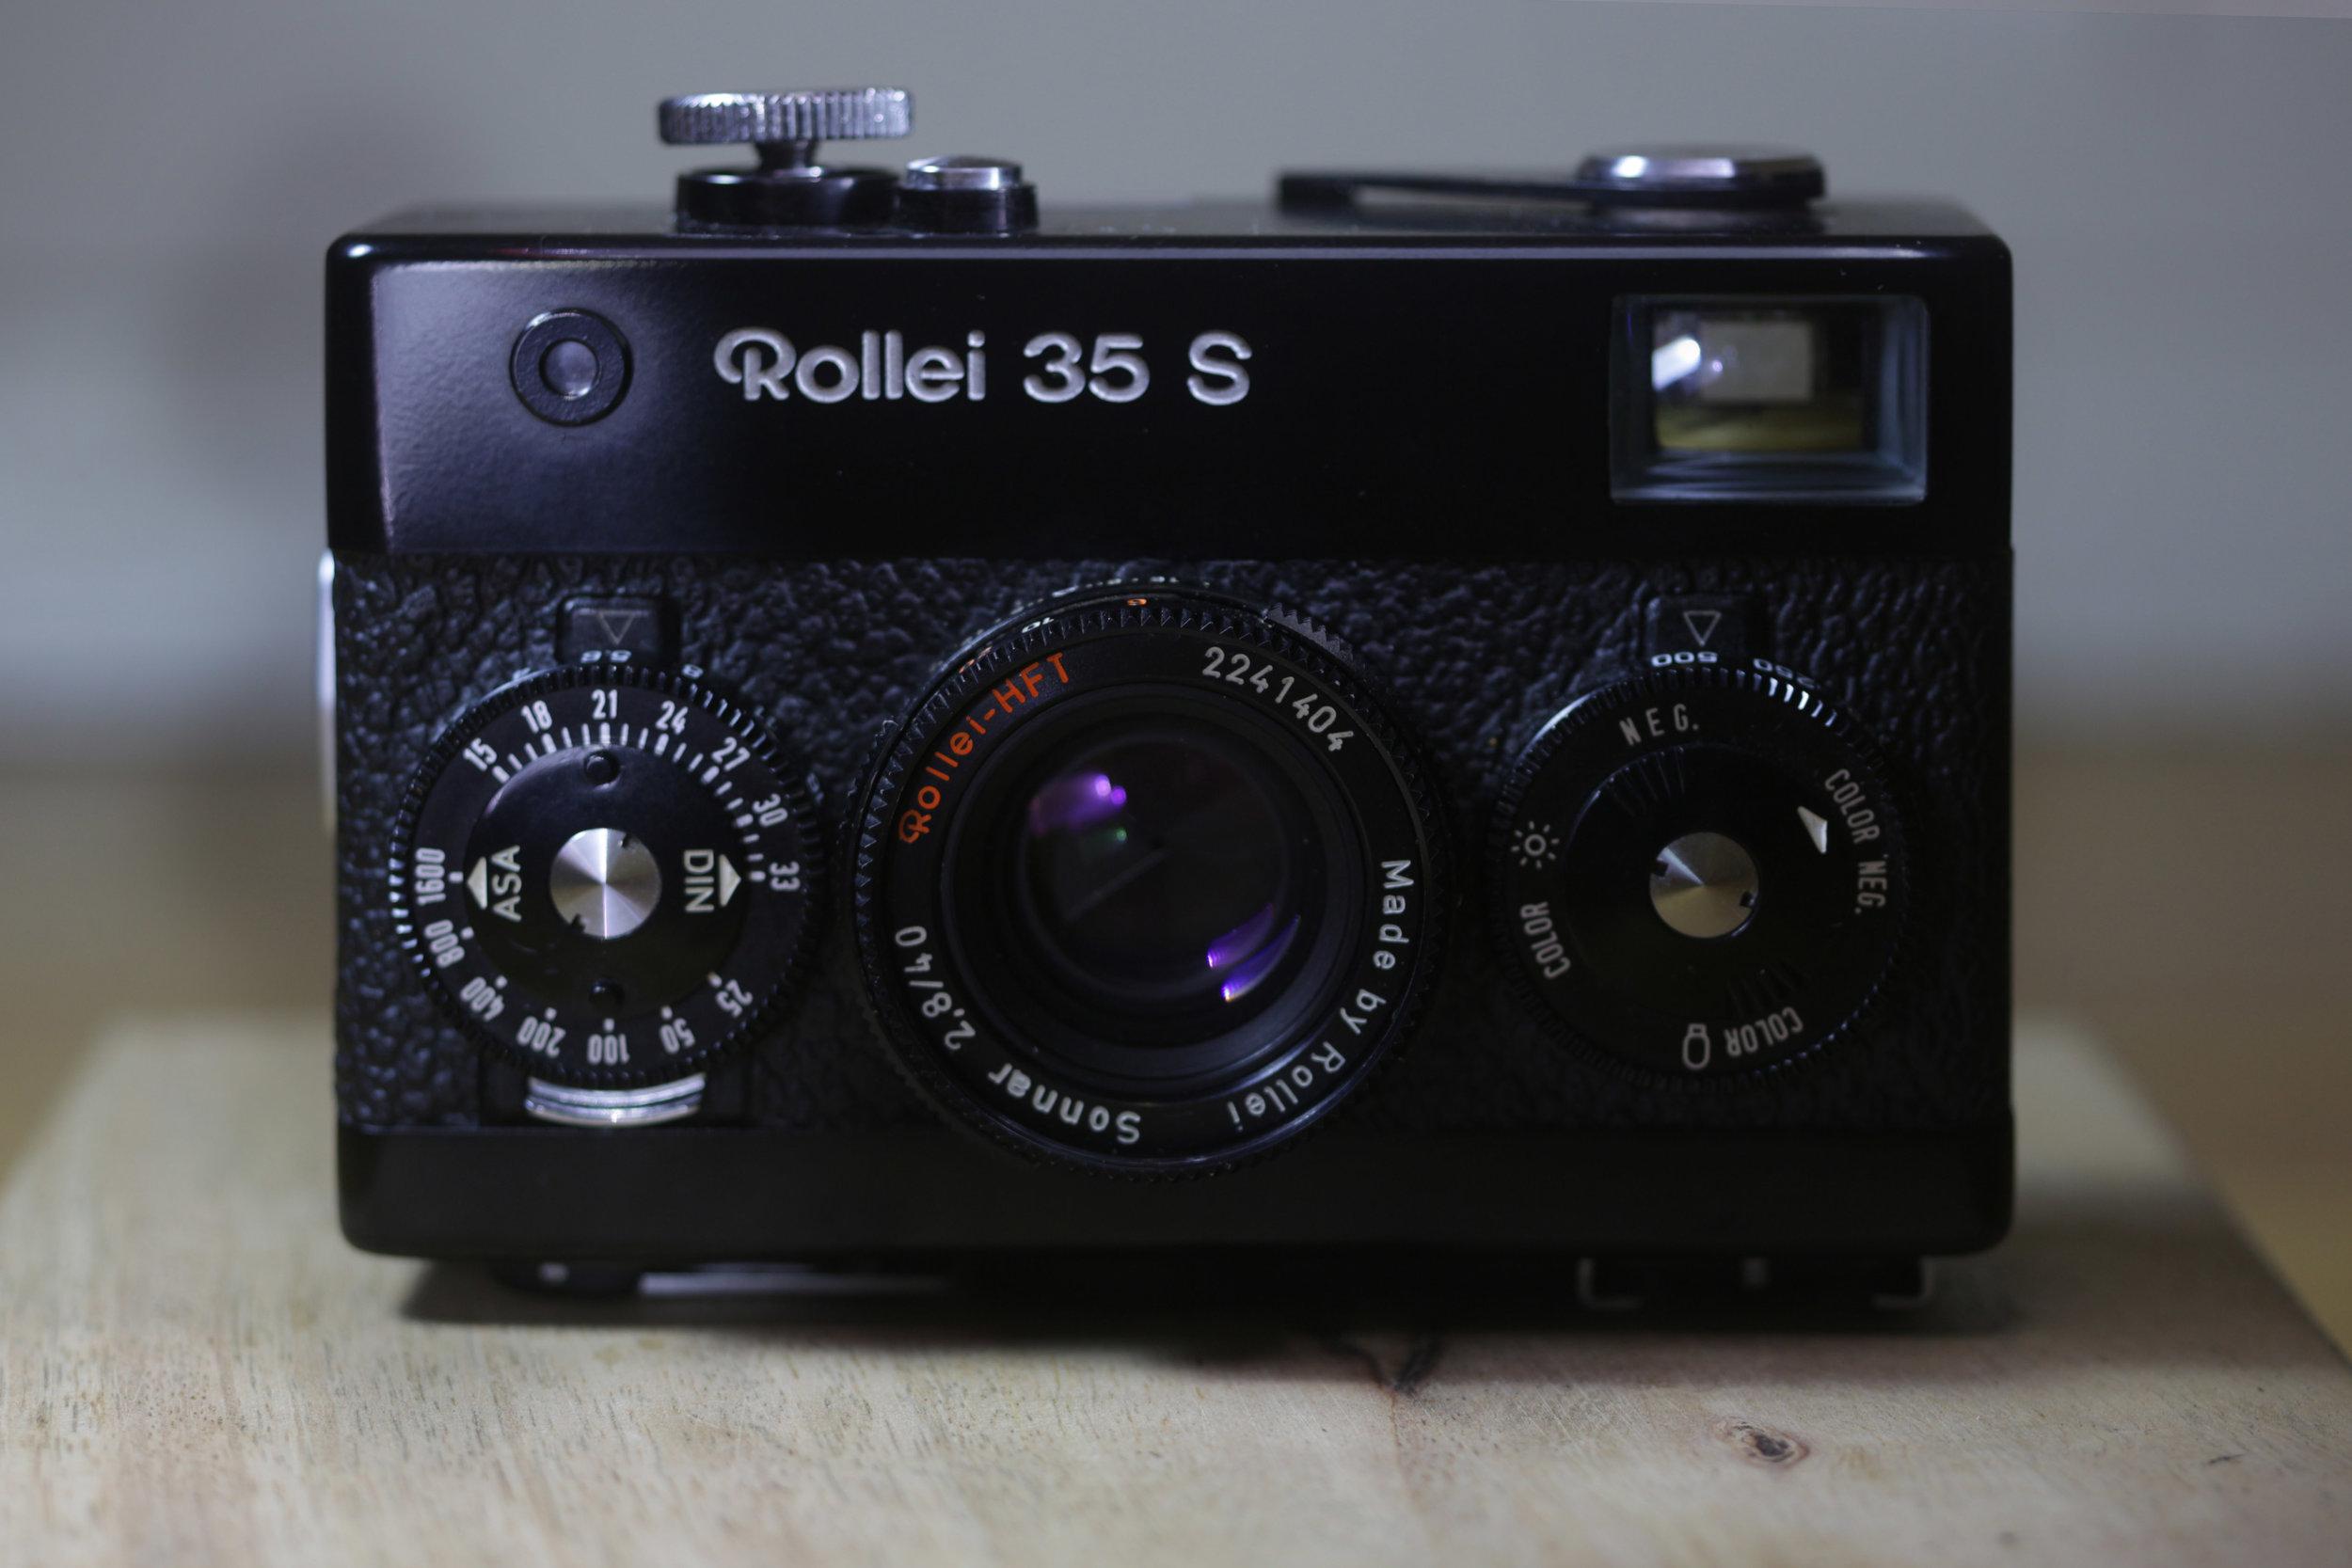 Fuji Superia 1600 Rolei 35 S Cameraplex D